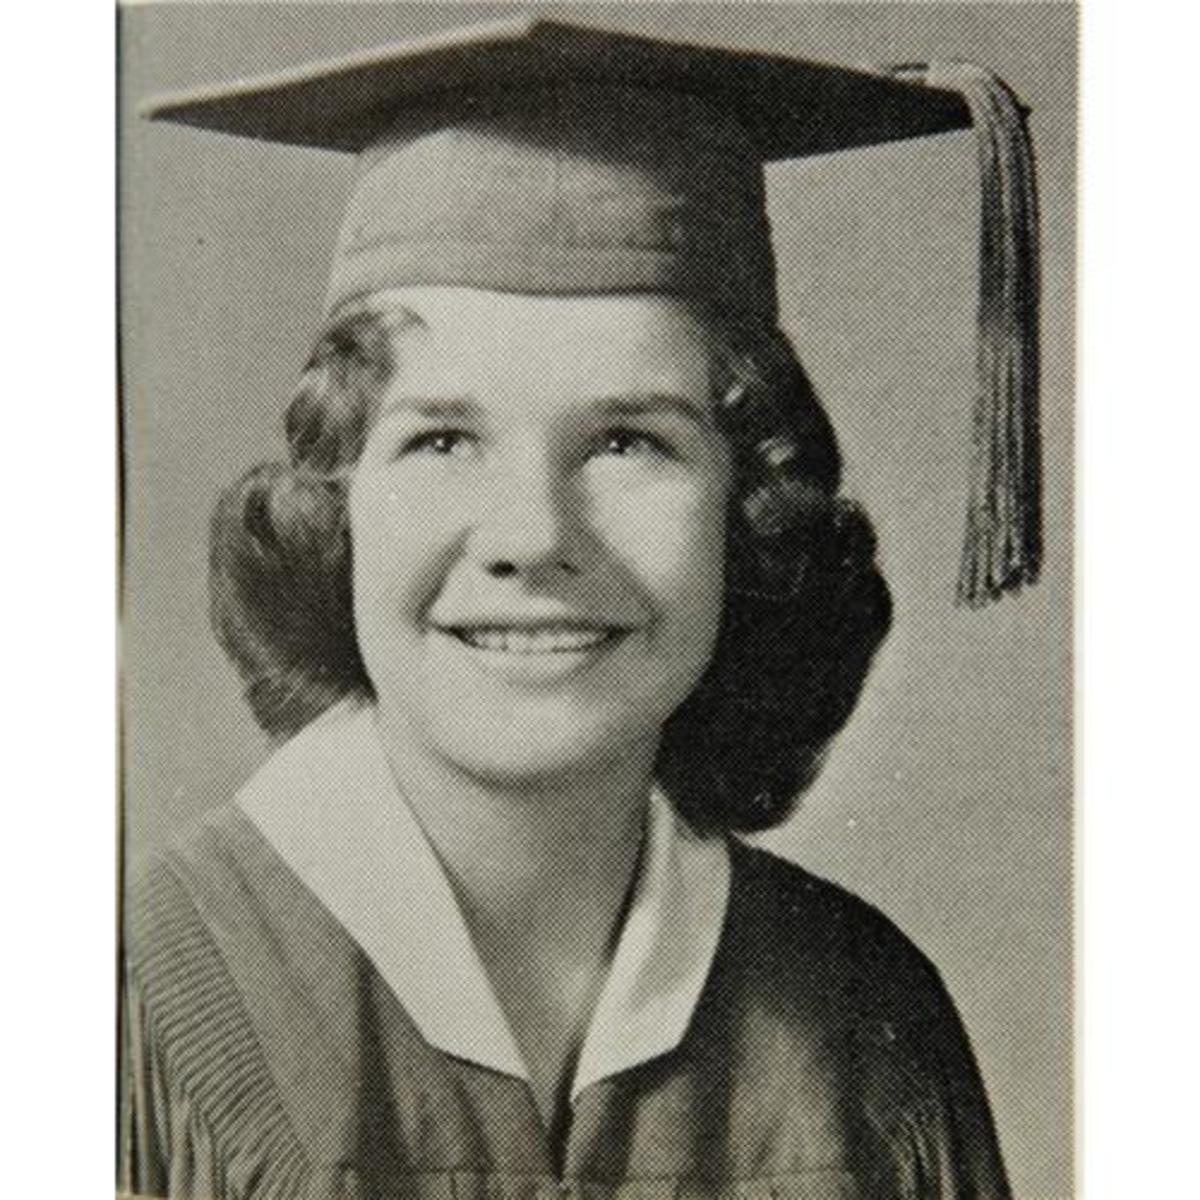 Janis Joplin High School picture